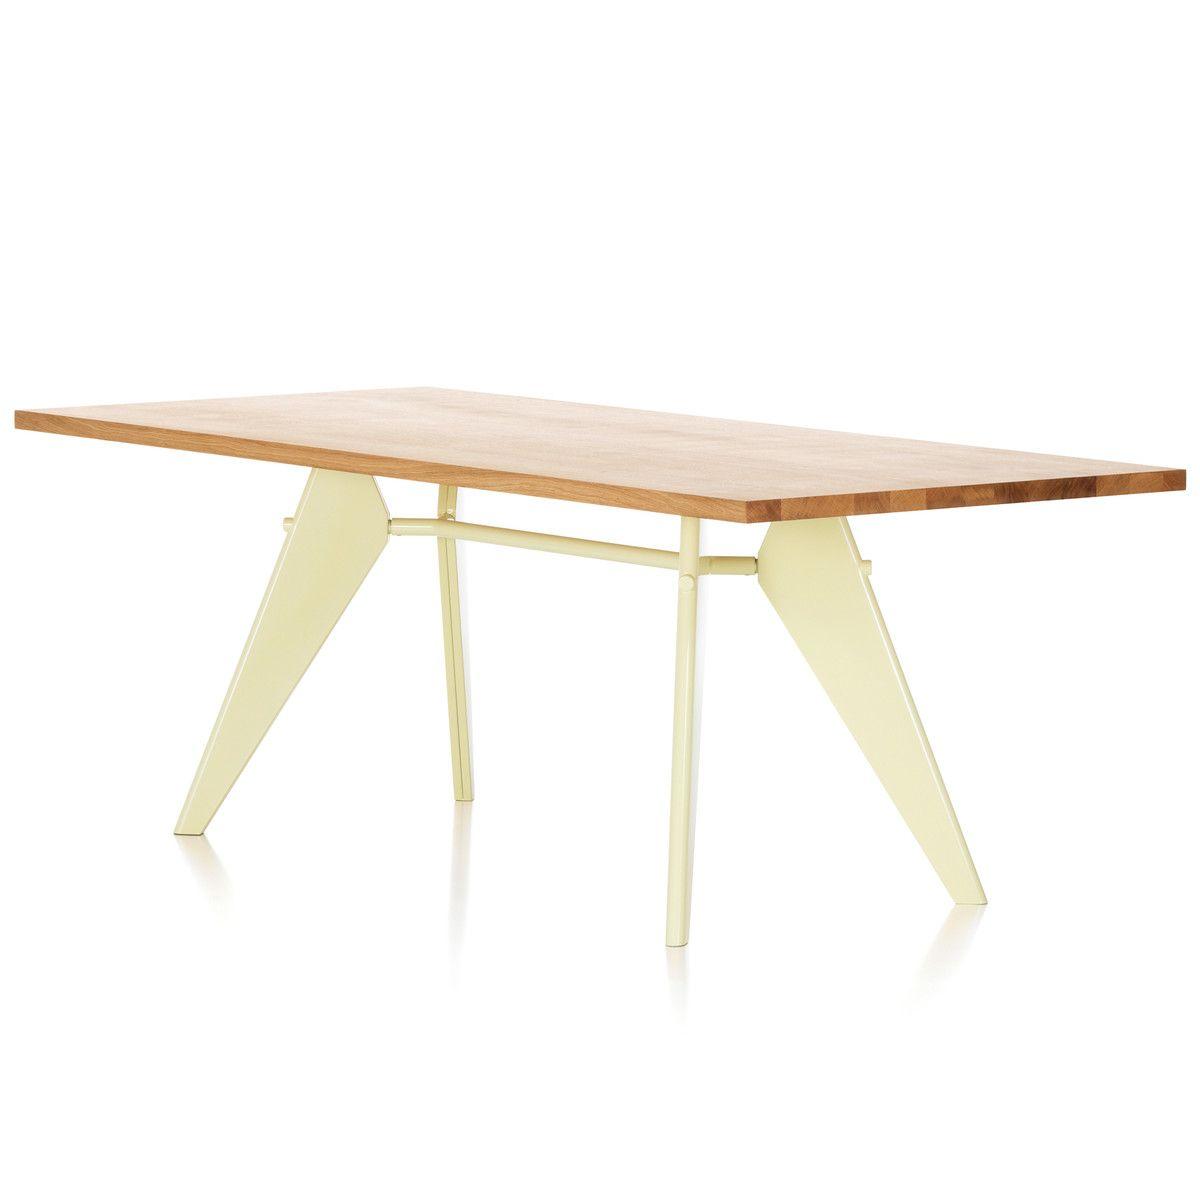 Vitra - EM Table Esstisch (Massivholz), 240 cm, Eiche natur/ ecru Jetzt bestellen unter: https://moebel.ladendirekt.de/kueche-und-esszimmer/tische/esstische/?uid=b09b8420-7e2f-52ba-9940-84f8dd178386&utm_source=pinterest&utm_medium=pin&utm_campaign=boards #kueche #esstische #esszimmer #tische